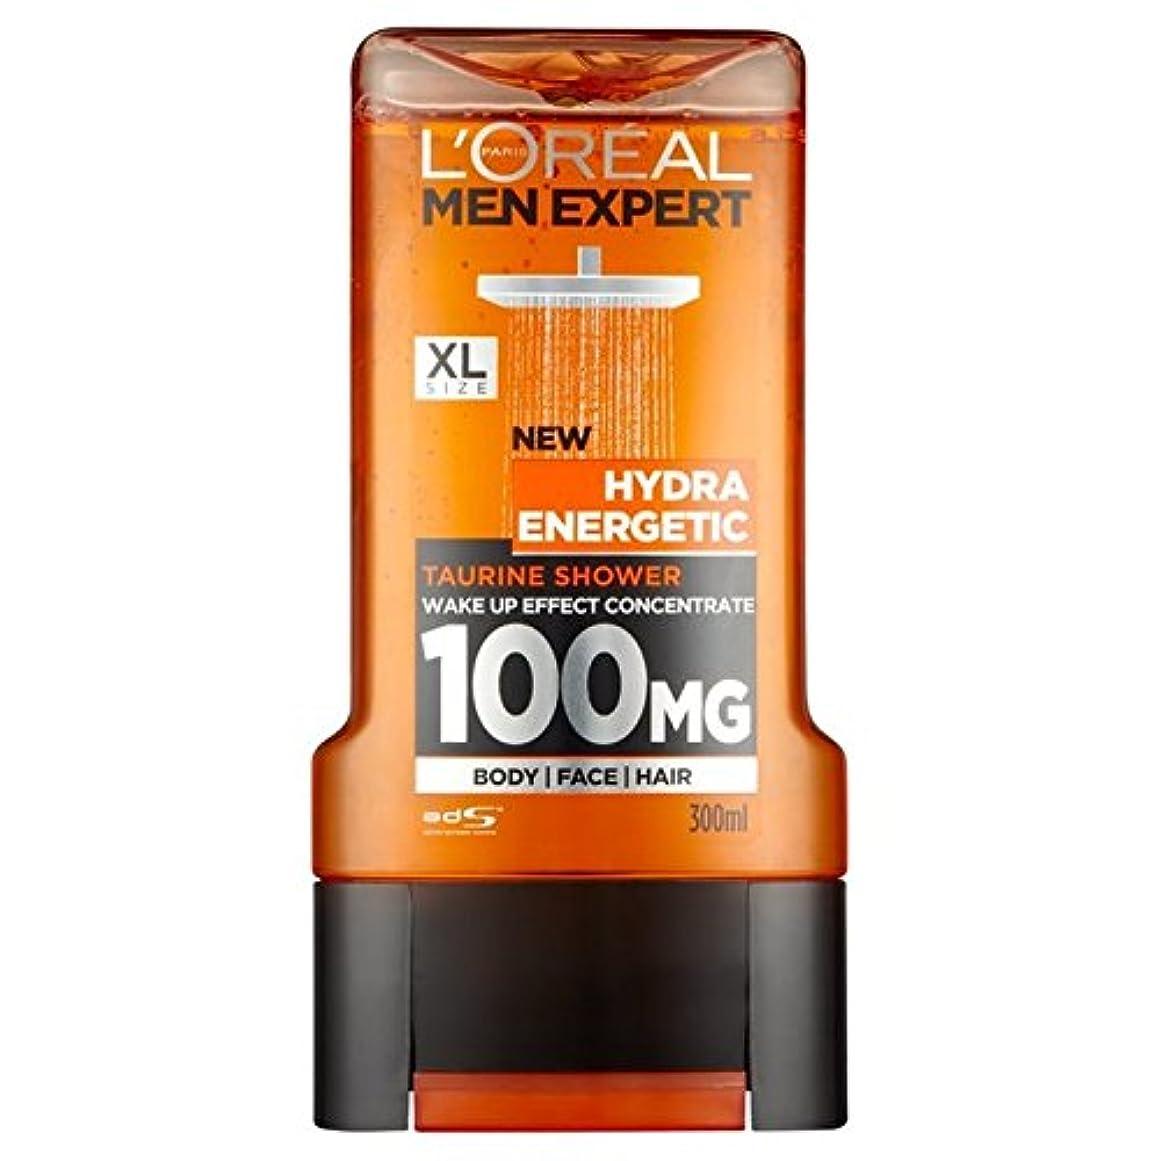 合金エキサイティング散文L'Oreal Paris Men Expert Hydra Energetic Shower Gel 300ml (Pack of 6) - ロレアルパリのメンズ専門家ヒドラエネルギッシュなシャワージェル300ミリリットル x6 [並行輸入品]